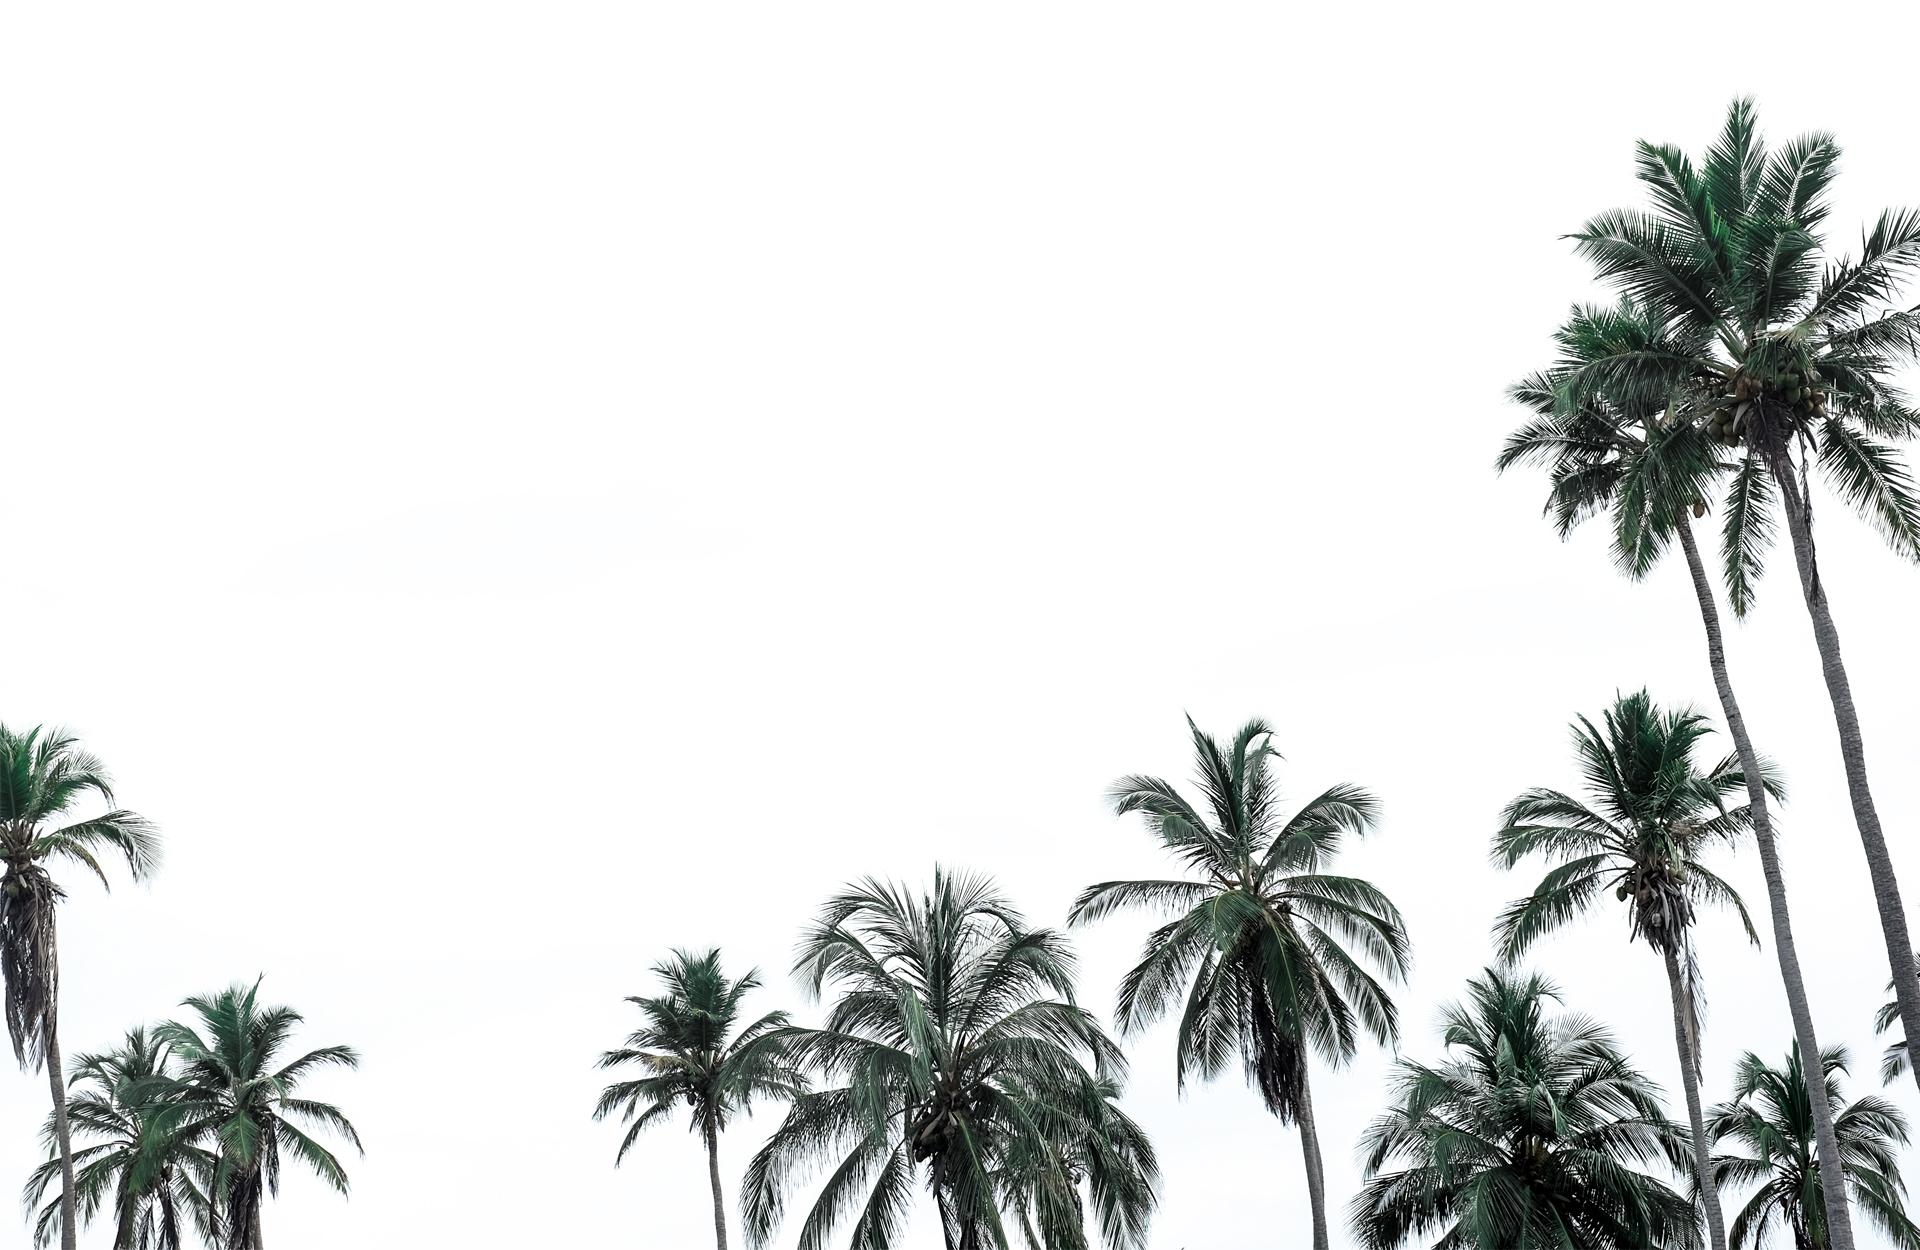 palm trees sky